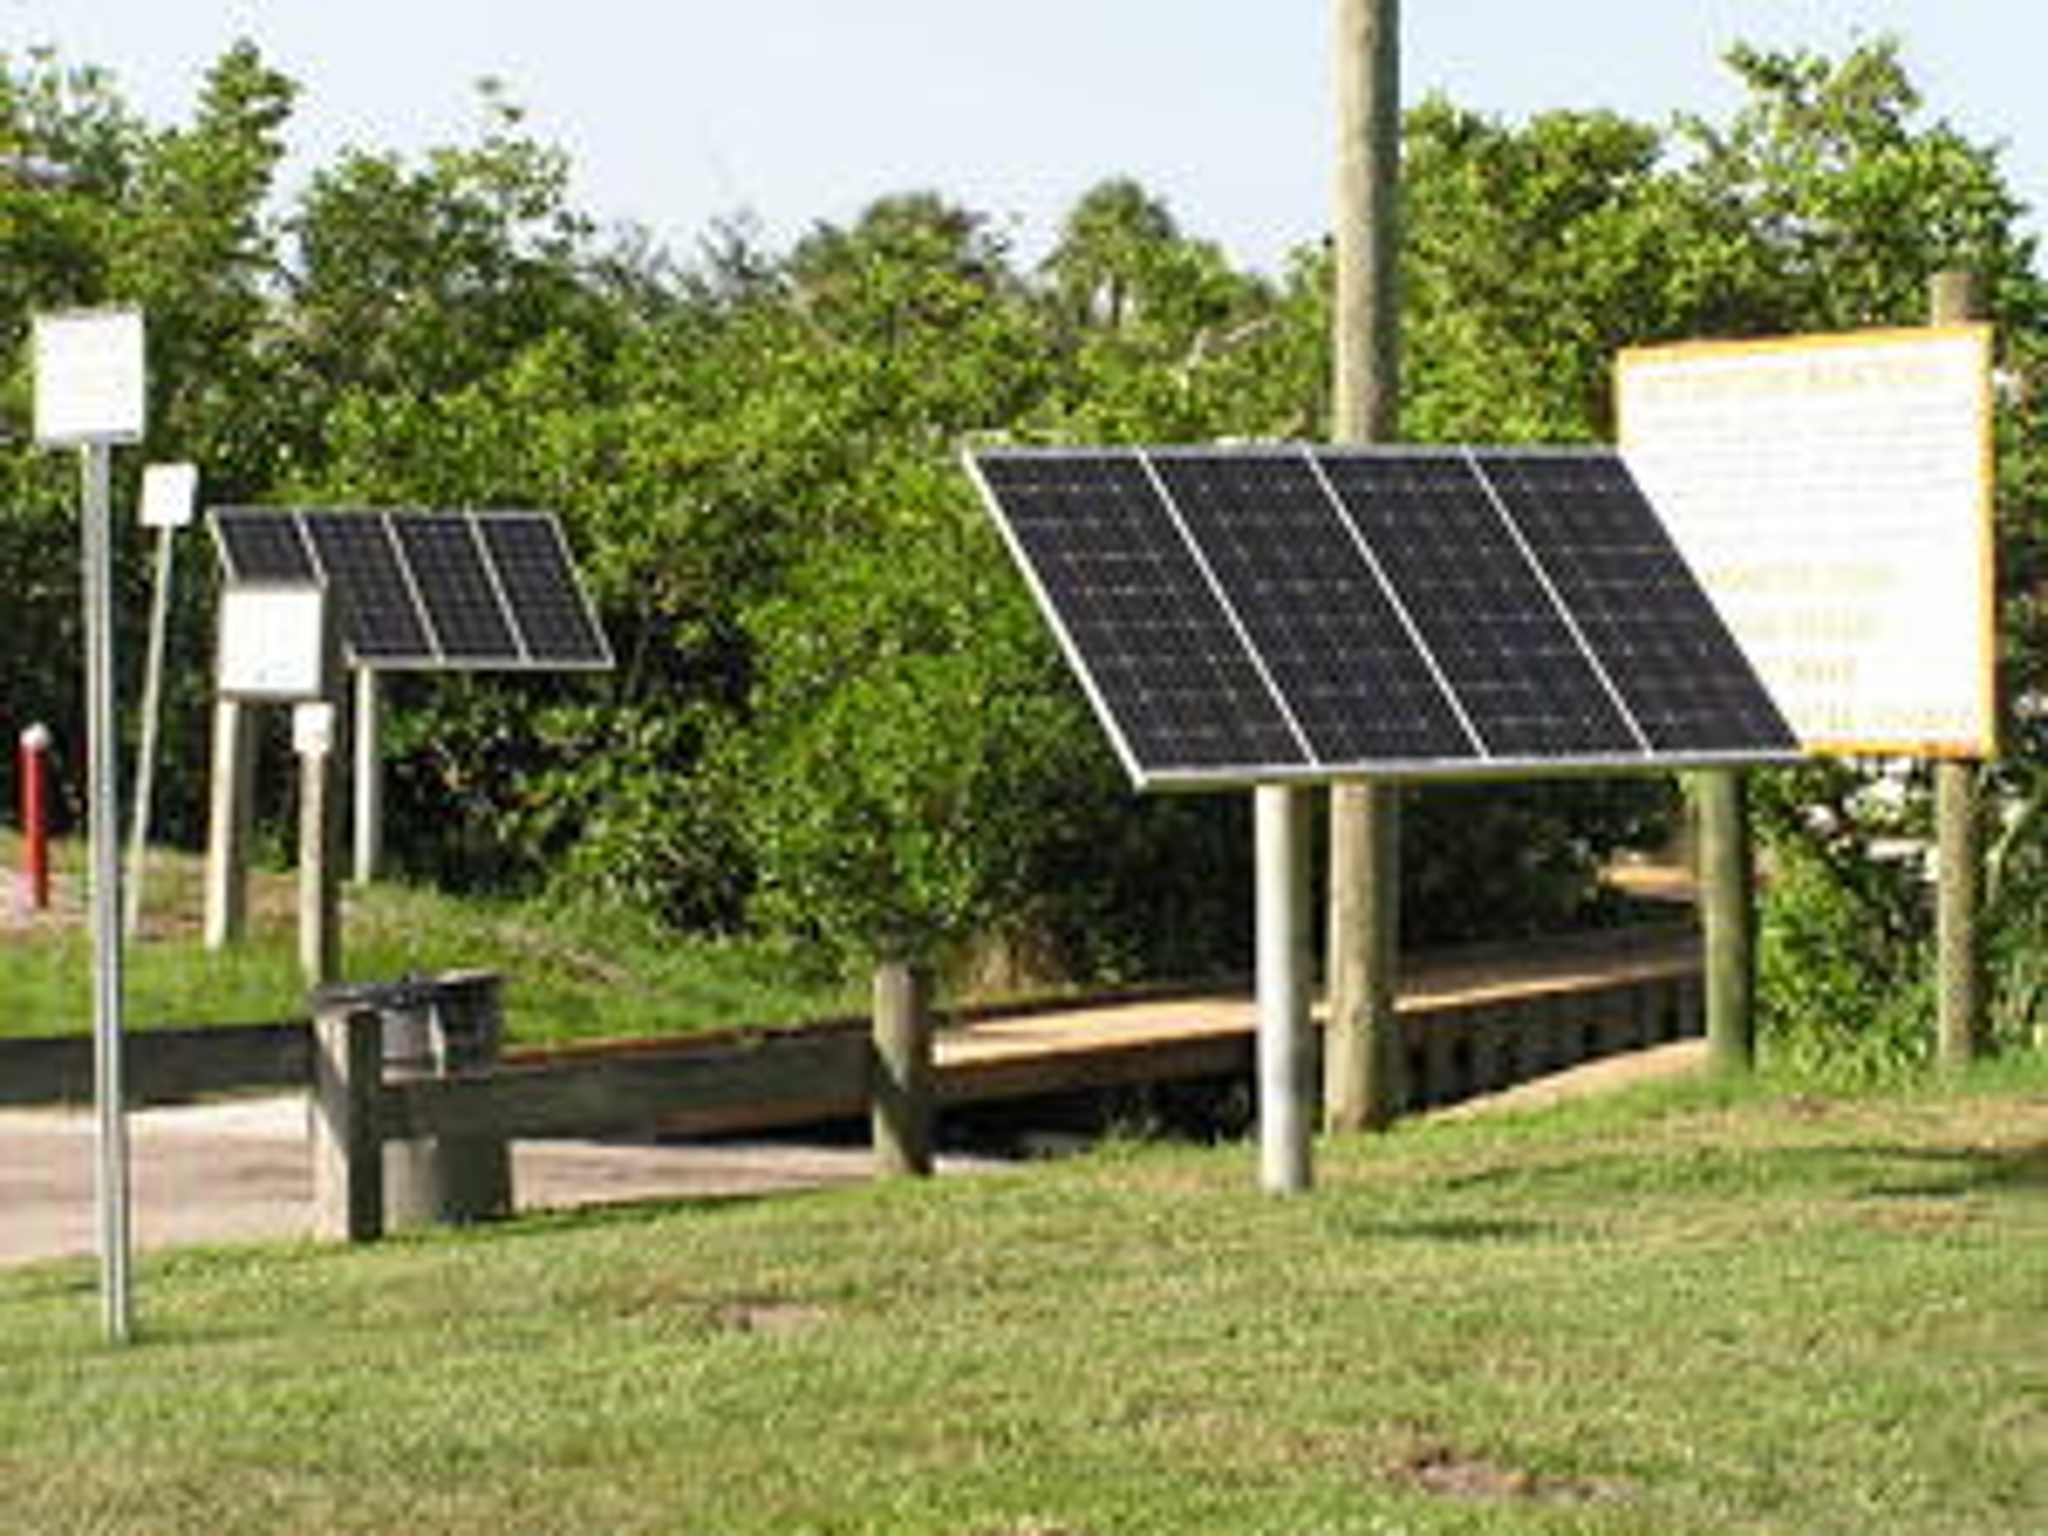 Solar Power for Dock Light